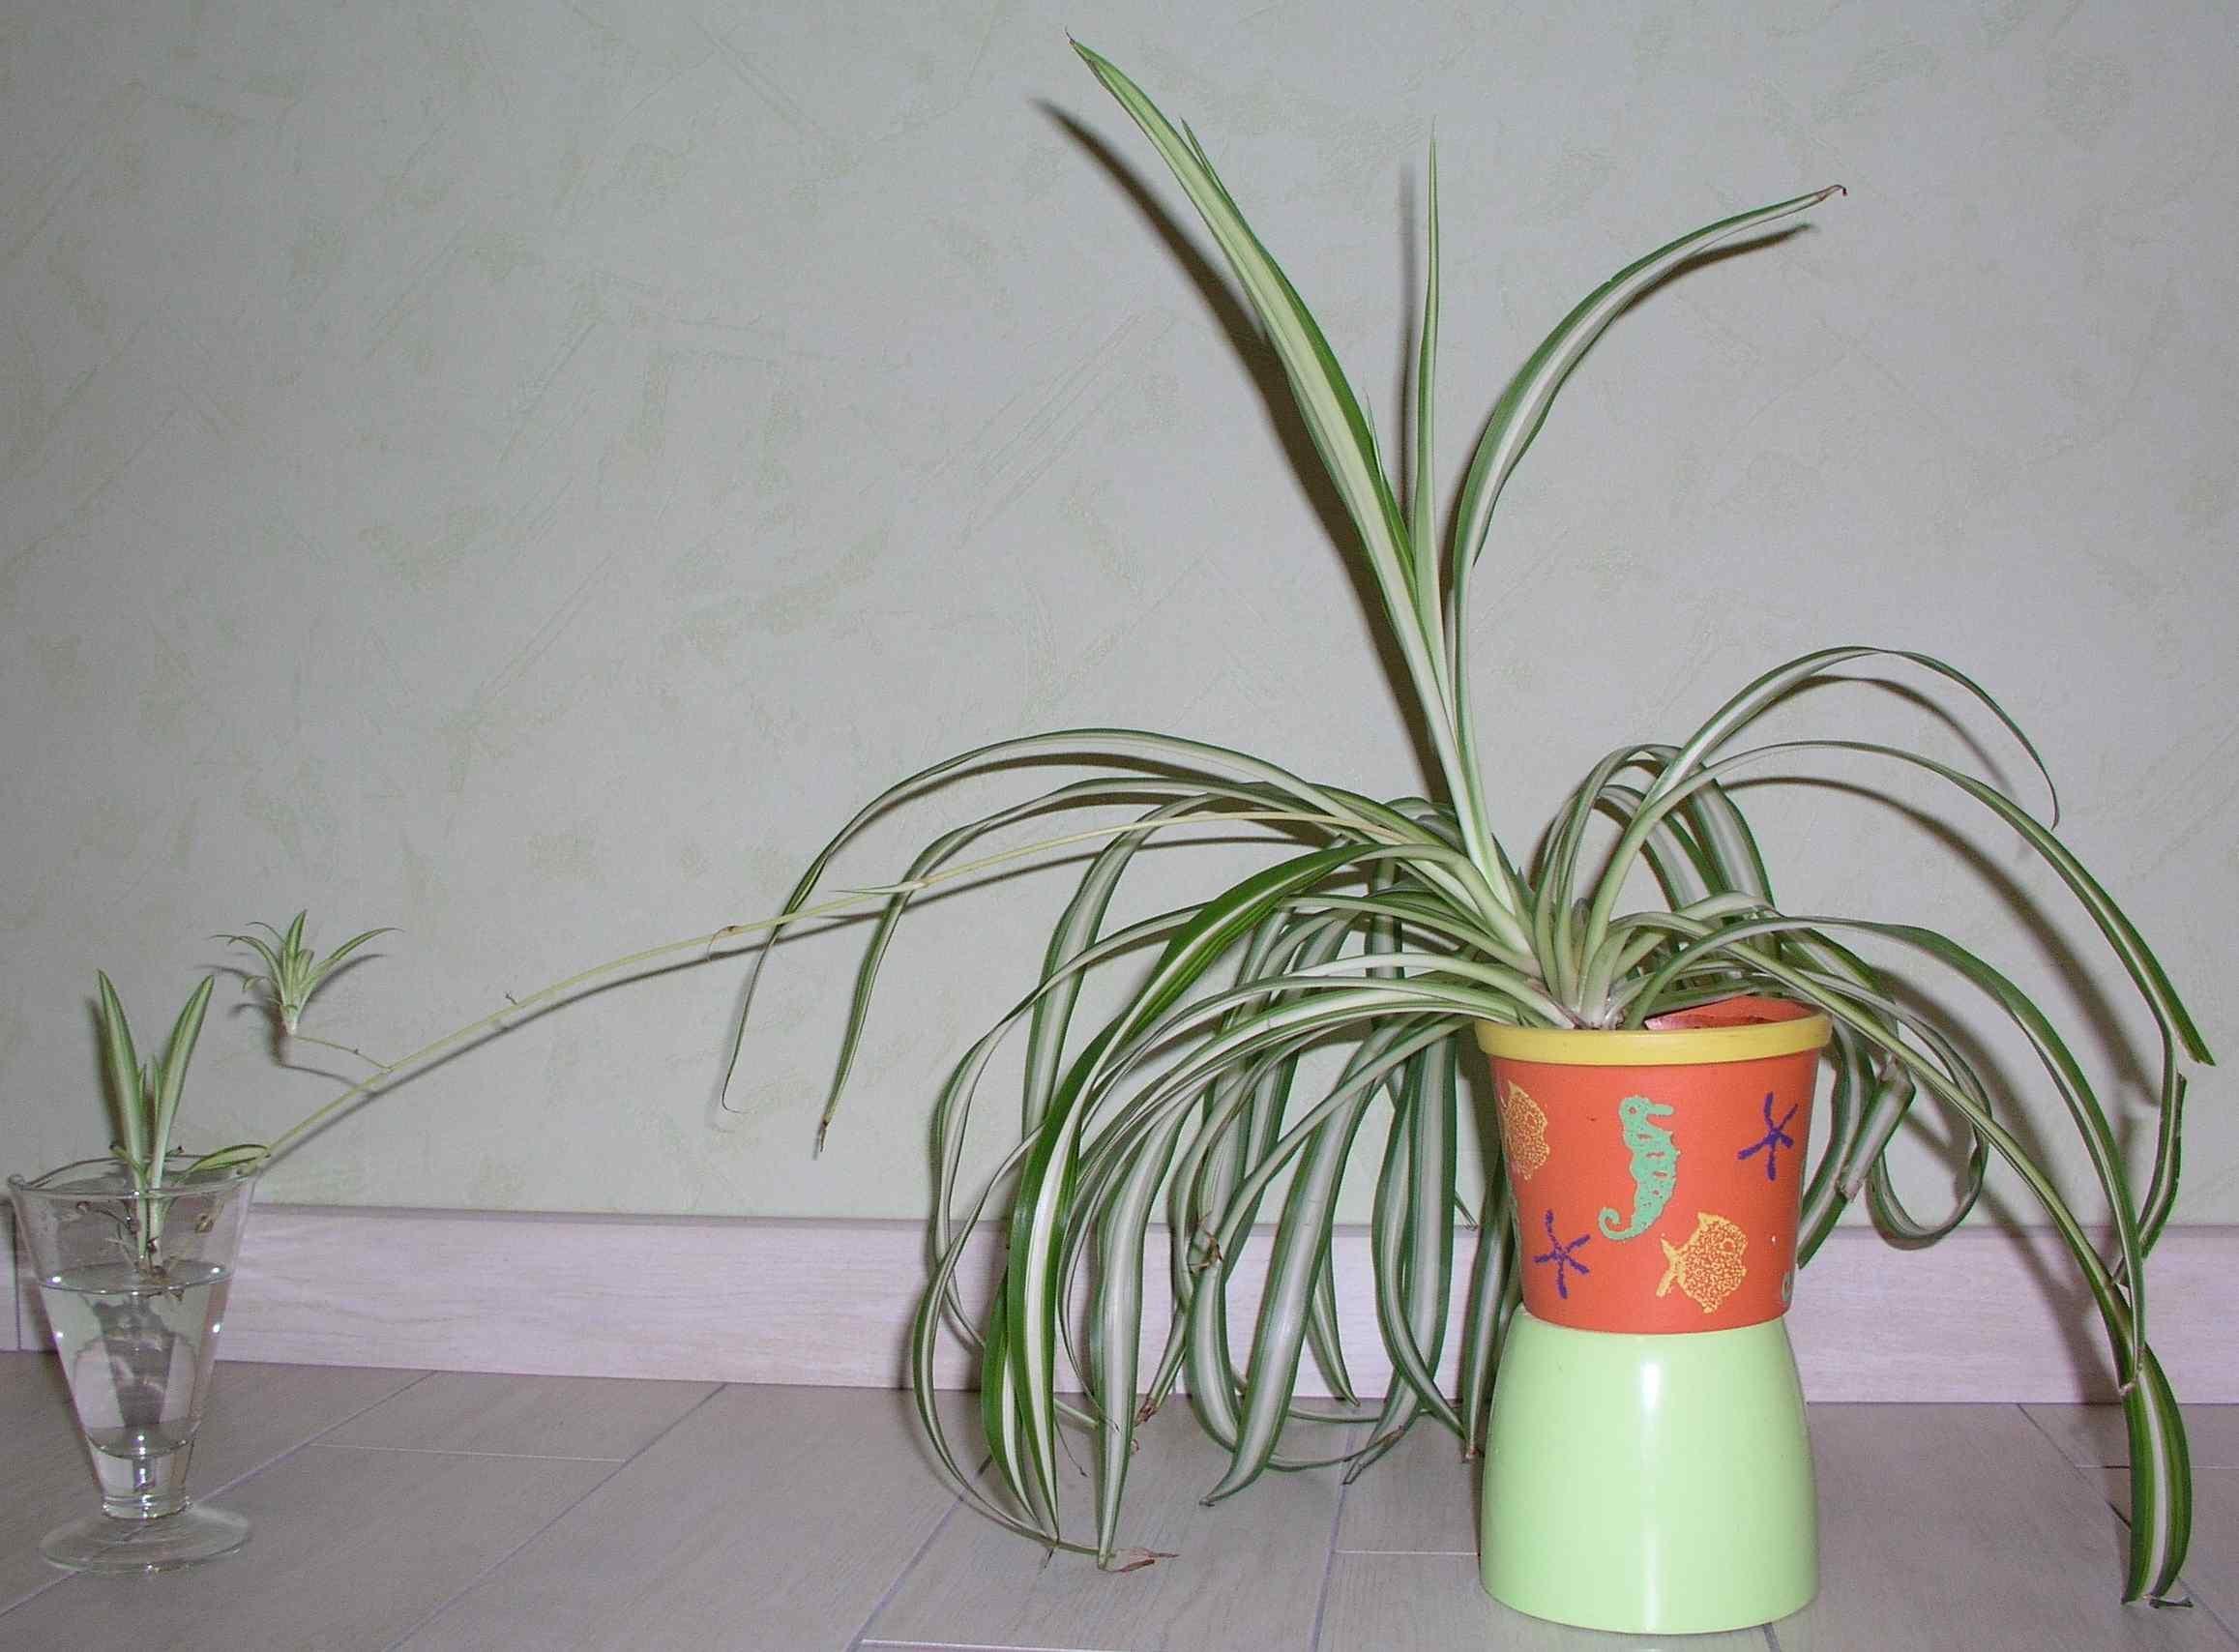 hlorofitum5.jpg (245.56 Kb)